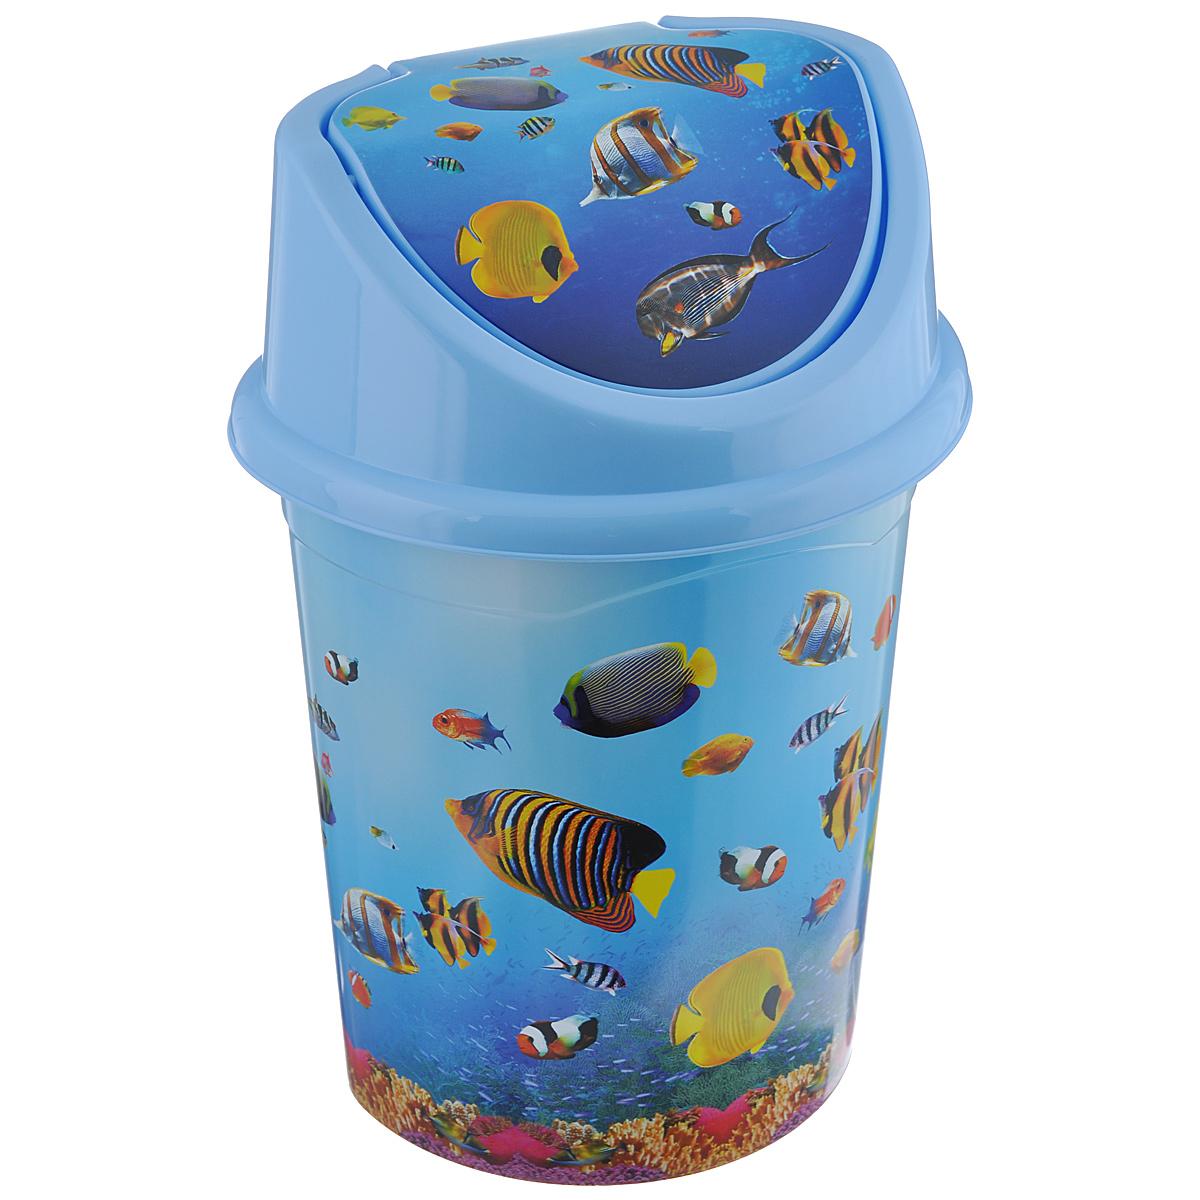 Контейнер для мусора Violet Океан, цвет: голубой, синий, желтый, 8 л68/5/1Контейнер для мусора Violet Океан изготовлен из прочного пластика. Контейнер снабжен удобной съемной крышкой с подвижной перегородкой. В нем удобно хранить мелкий мусор. Благодаря яркому дизайну такой контейнер идеально впишется в интерьер и дома. Размер изделия: 21 см x 26 см x 36 см.